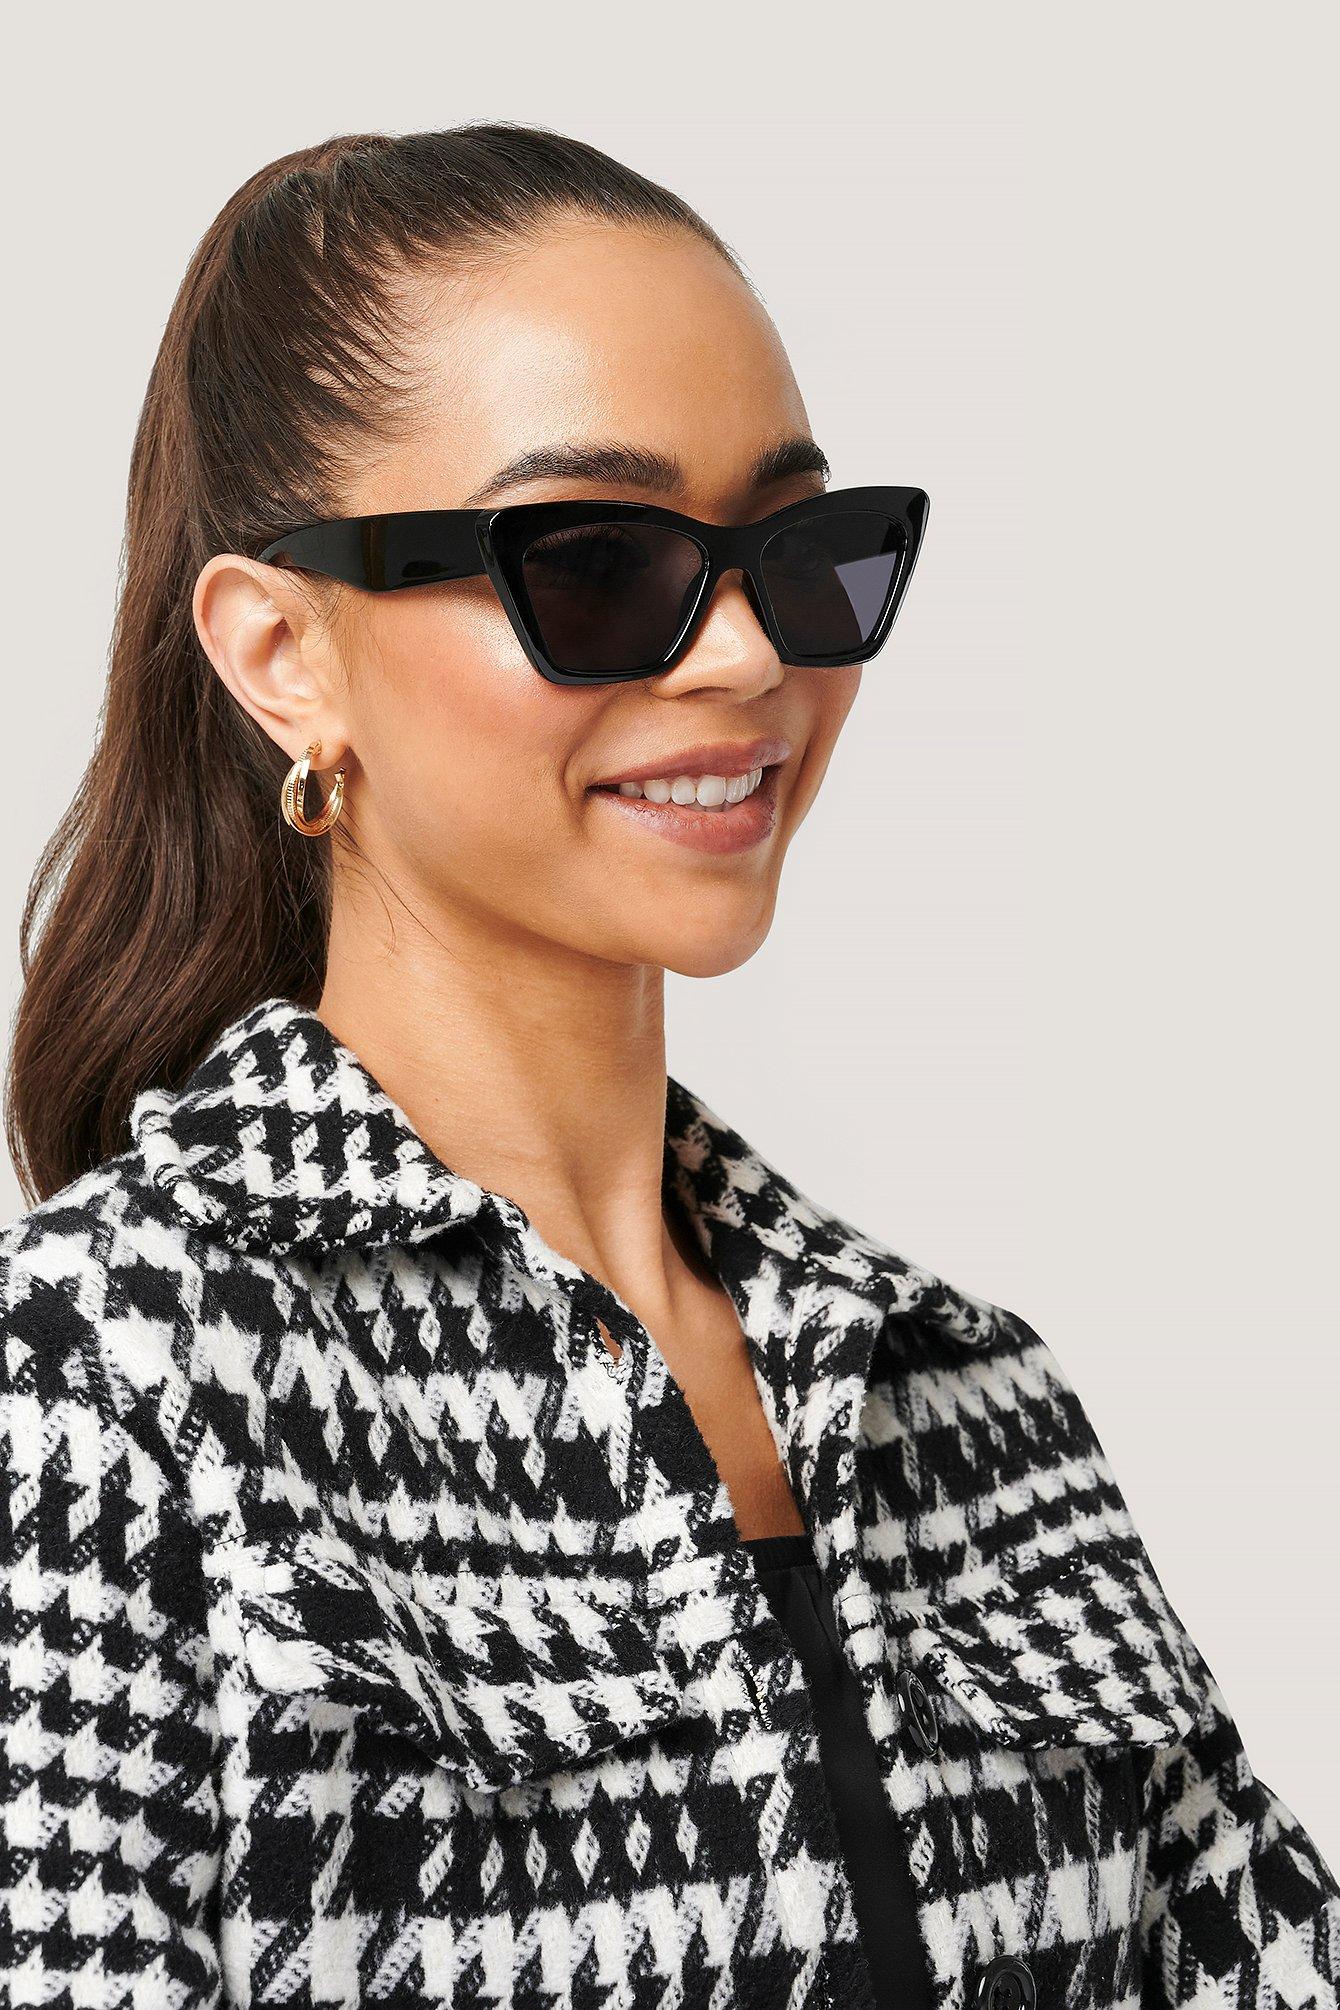 na-kd accessories -  Mit Quadratischer Spitze Cateye-Sonnenbrille - Black